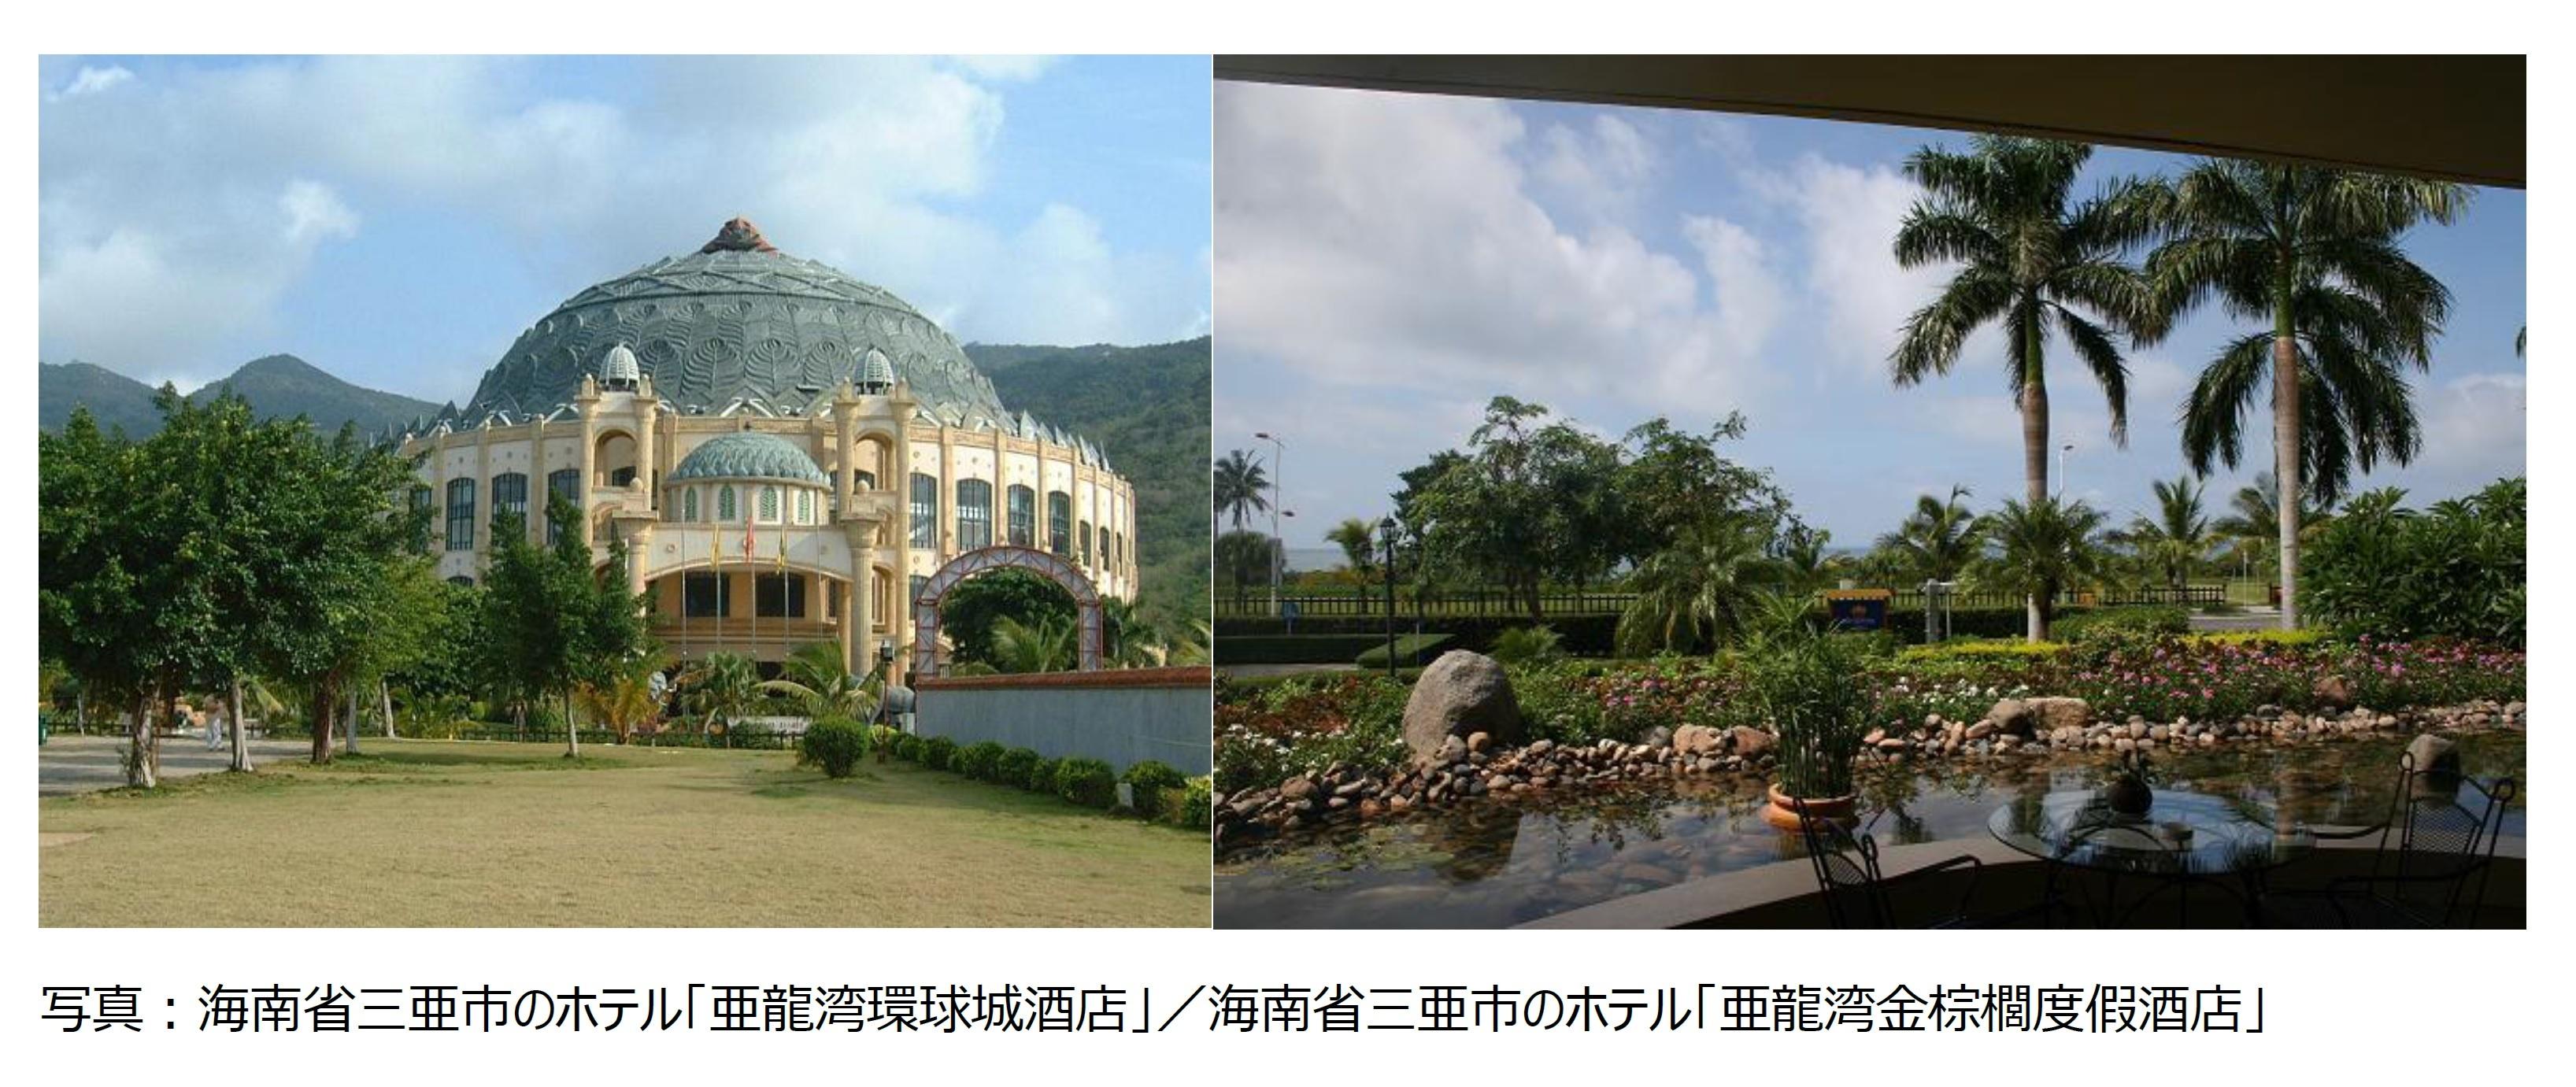 写真:海南省三亜市のホテル「亜龍湾環球城酒店」/海南省三亜市のホテル「亜龍湾金棕櫚度假酒店」